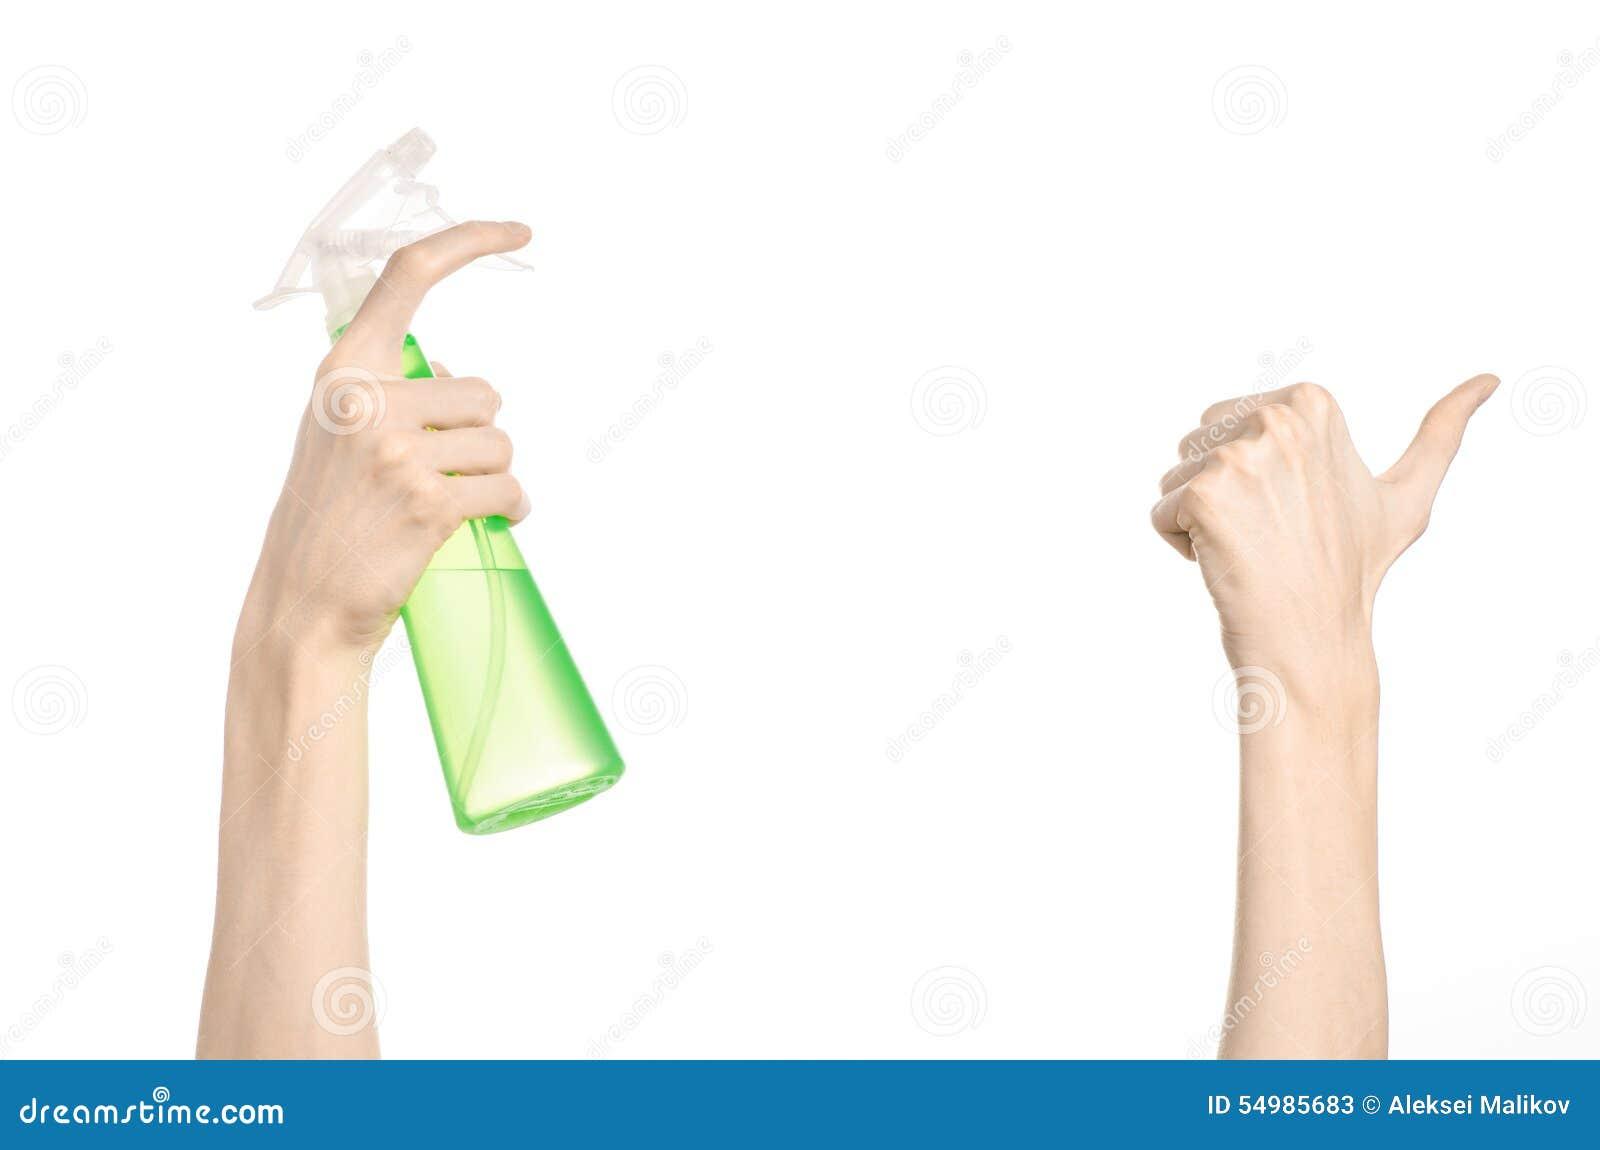 Limpando o tema da casa e do líquido de limpeza: a mão do homem que mantém uma garrafa verde do pulverizador para limpar isolada